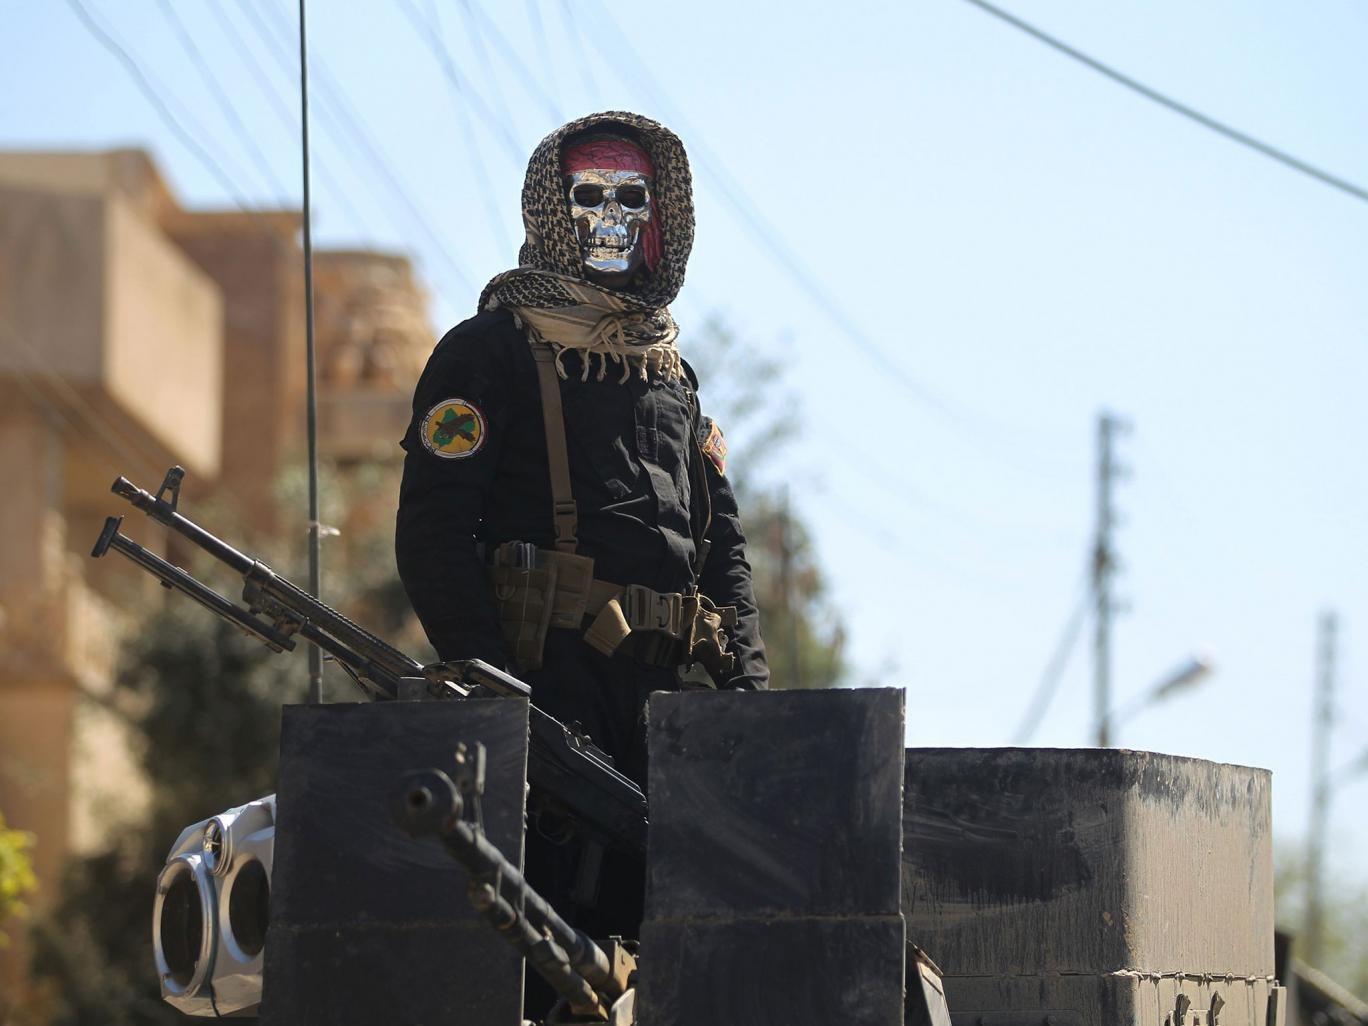 عکس | ظاهر عجیب و ترسناک سرباز عراقی در عملیات آزادسازی موصل